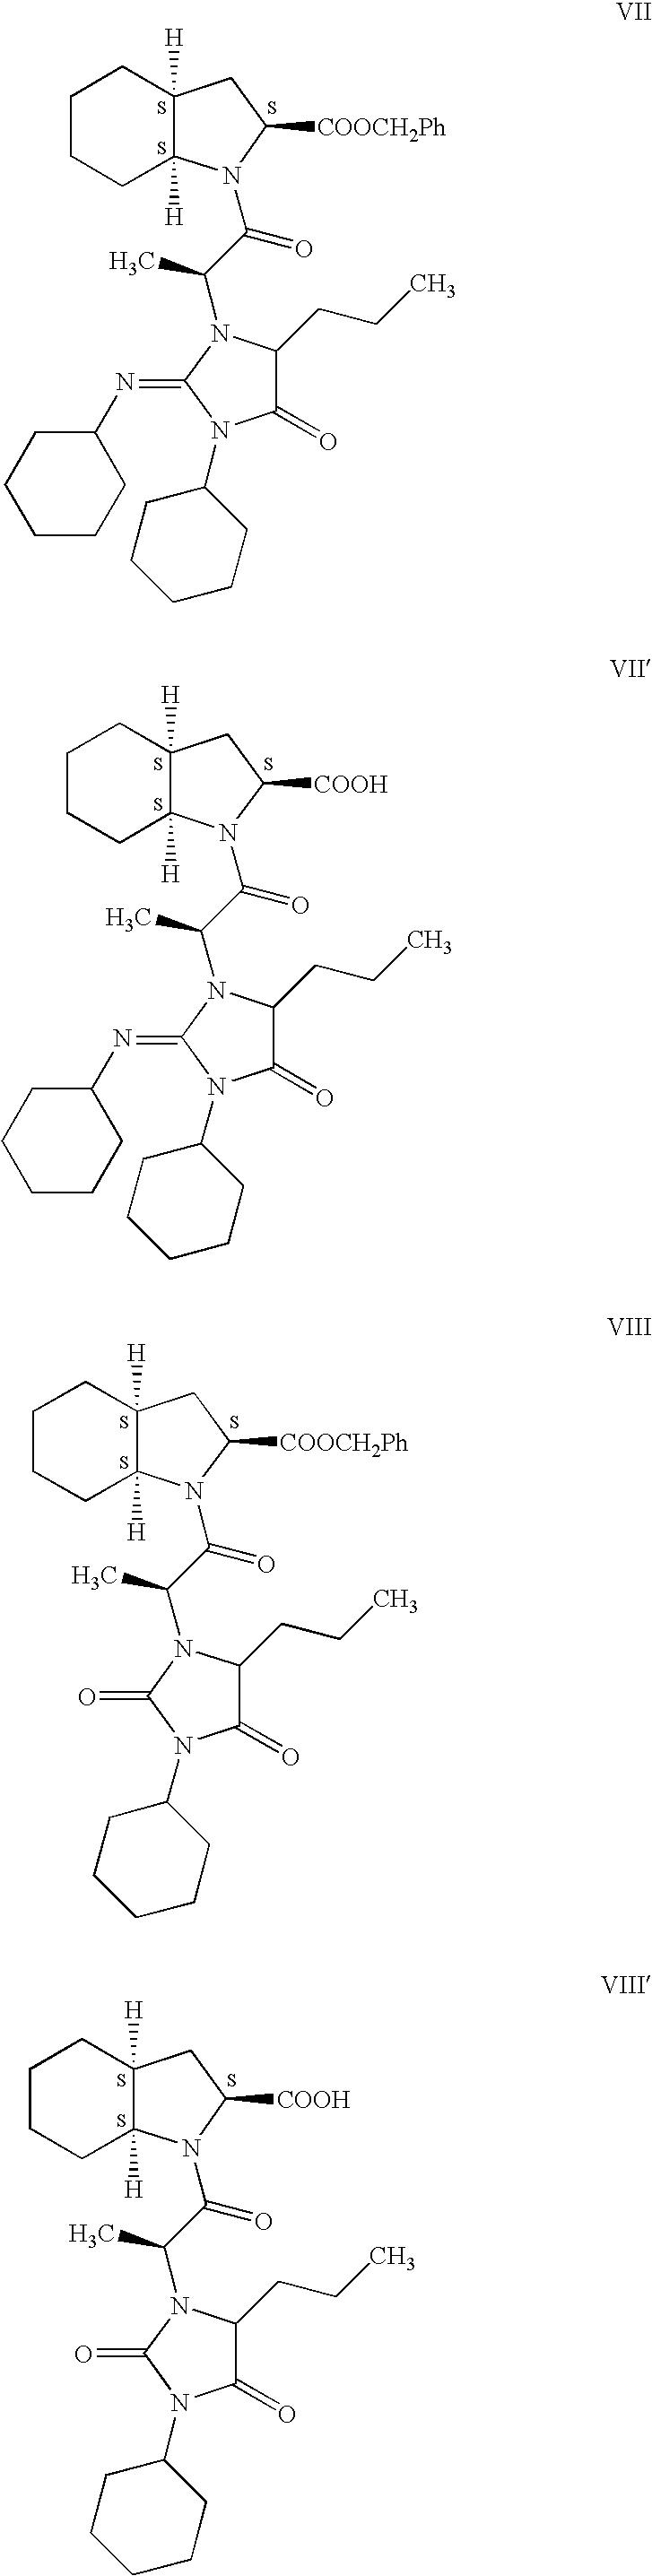 Figure US07326794-20080205-C00002